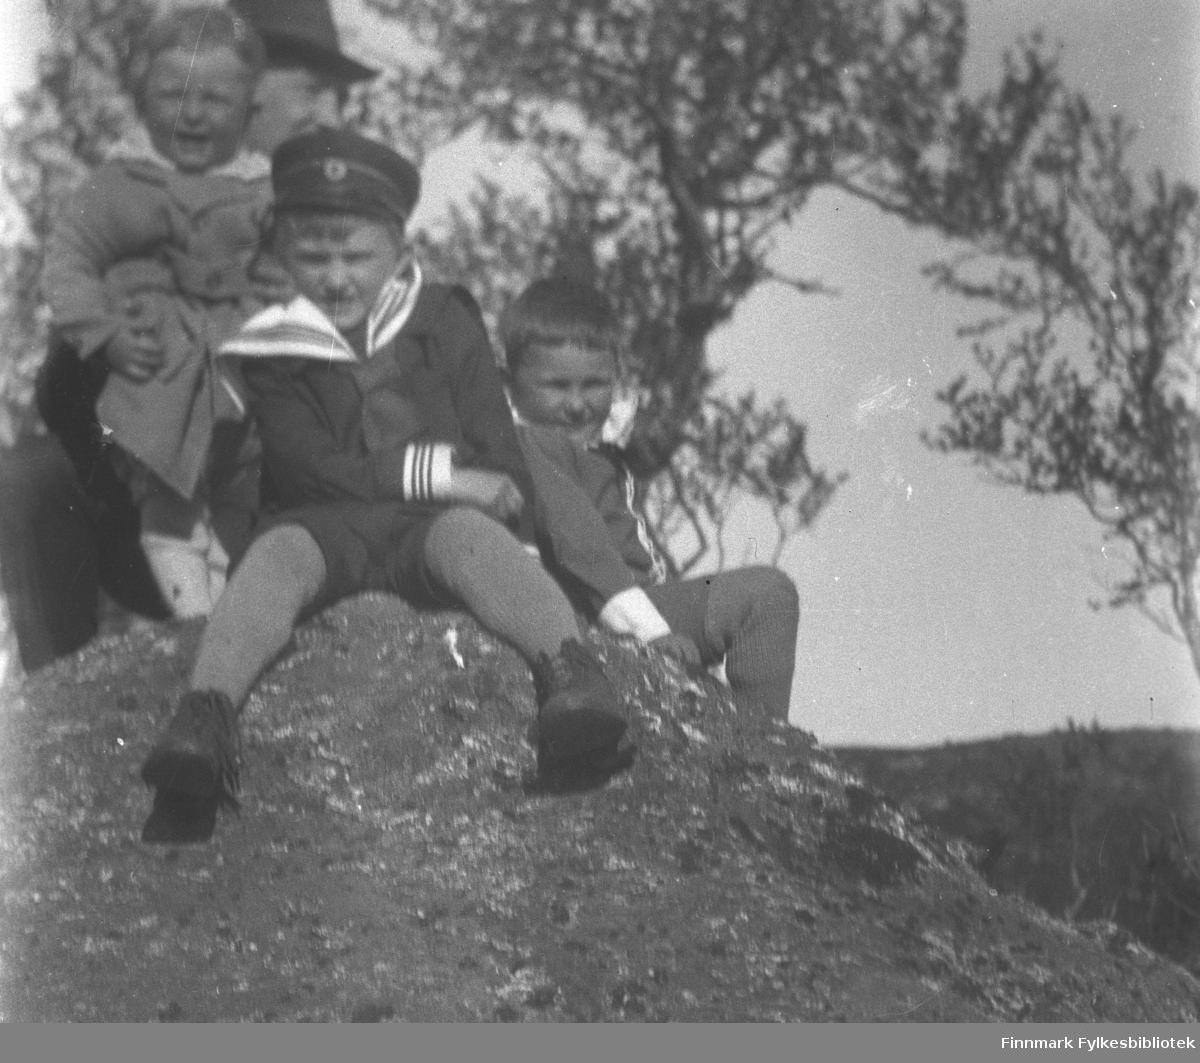 Portrett av fire personer på en stor stein. Gutten i matrosdress og lue, i midten på bildet er Fridtjof Johan Jacobsen. Til høyre for ham sitter Alf E. Jacobsen og bak til venstre står Ragnvald Jacobsen som blir holdt oppe av Frithjof Jacobsen. Alle guttene er sønnene til Frithjof Jacobsen. Et stort tre ses noe diffust i bakgrunnen.